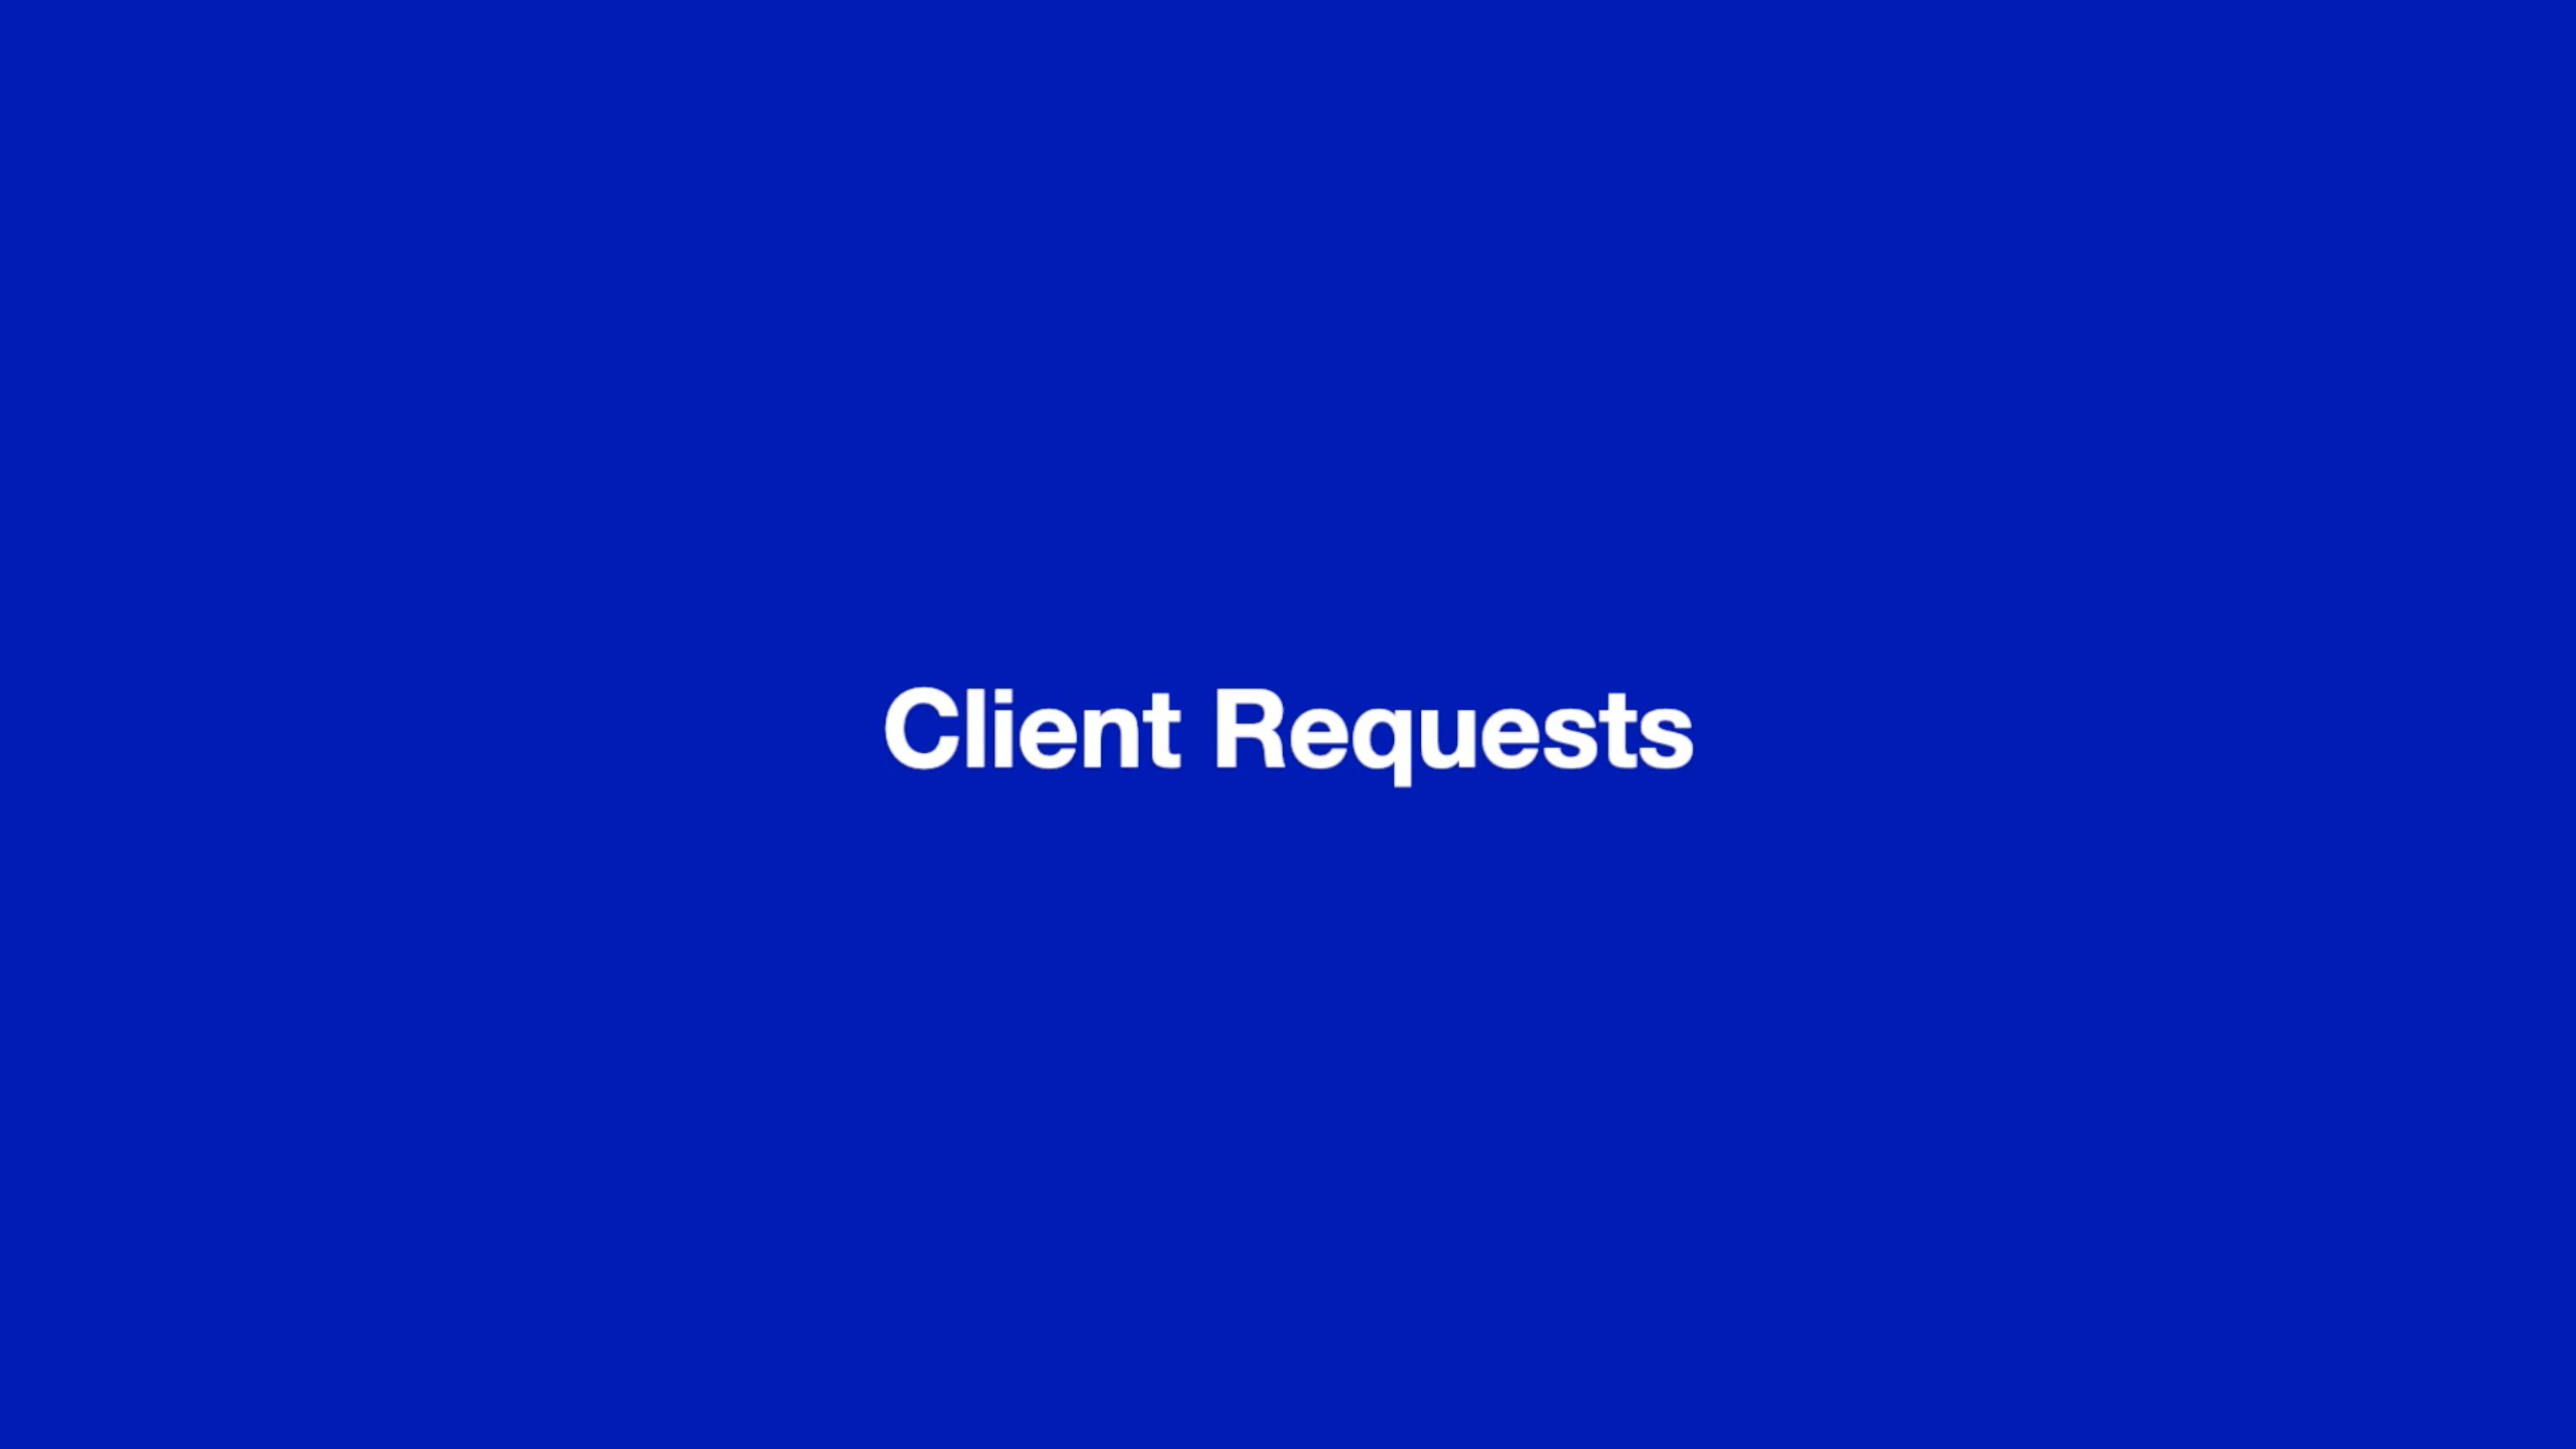 Client Requests Thumbnail